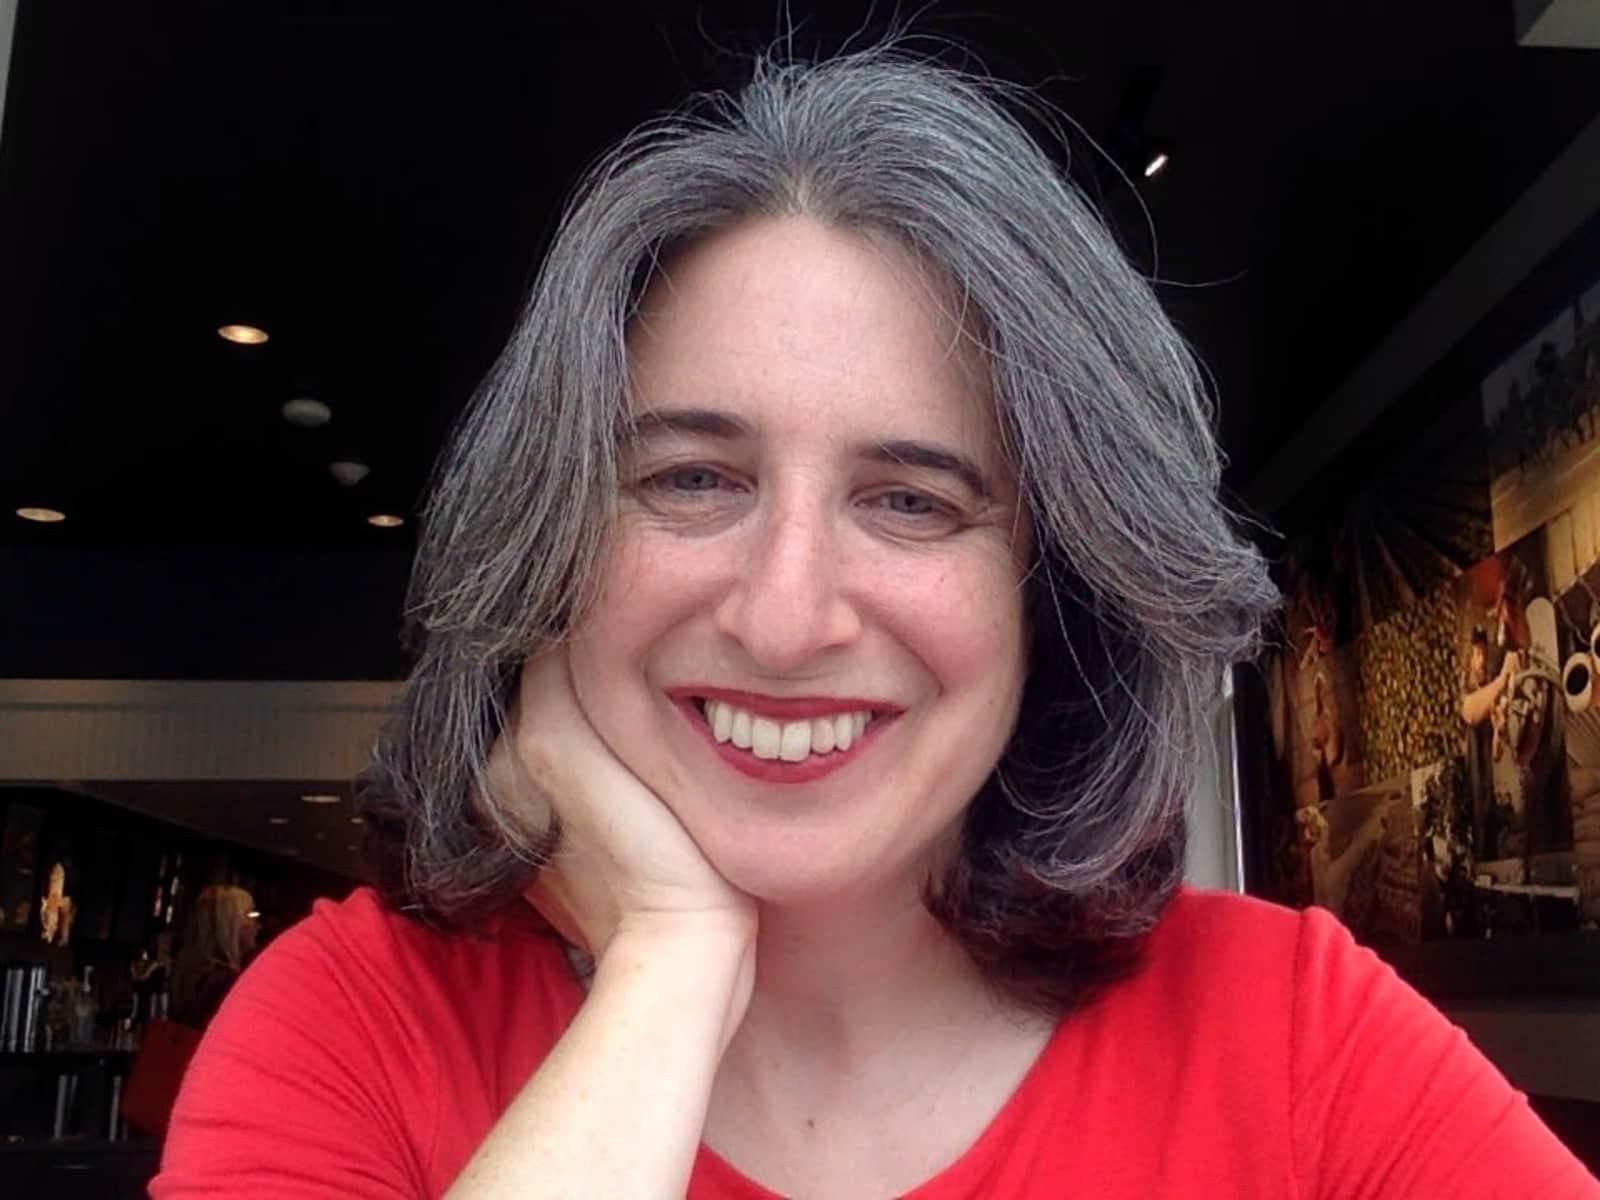 Ilona from Newton, Massachusetts, United States